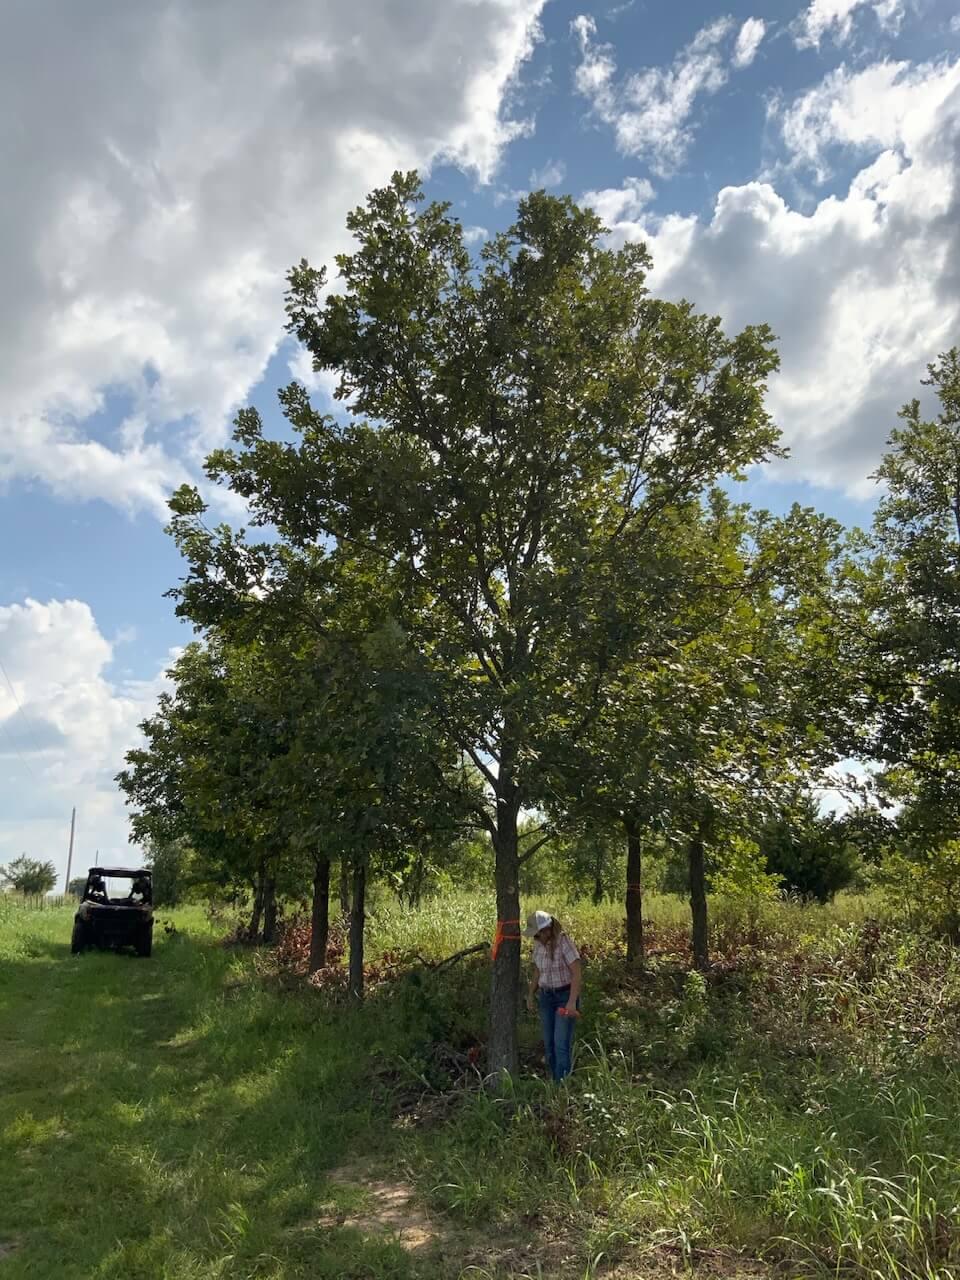 12 inch burr oak trees